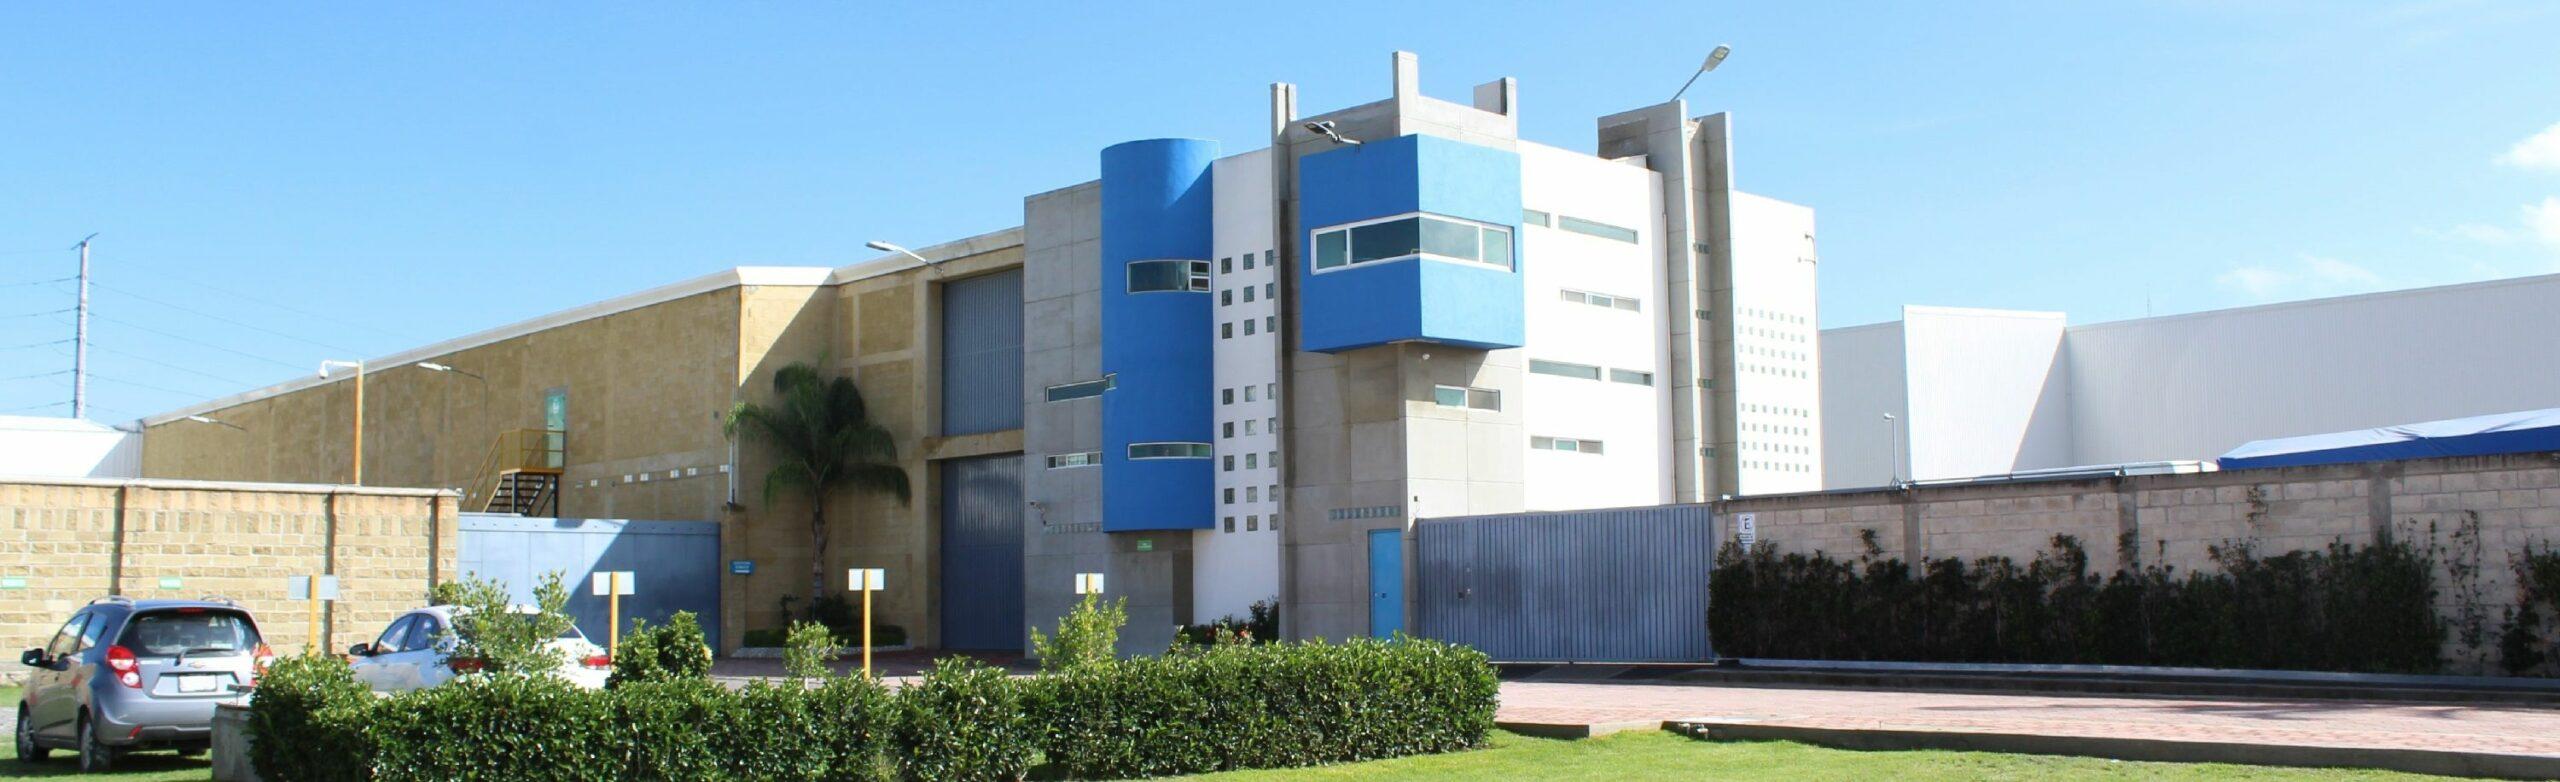 Contacto Macrofilter® y Filtros y Mallas de Puebla Filtro de aire, liquido y polvo fabricantes